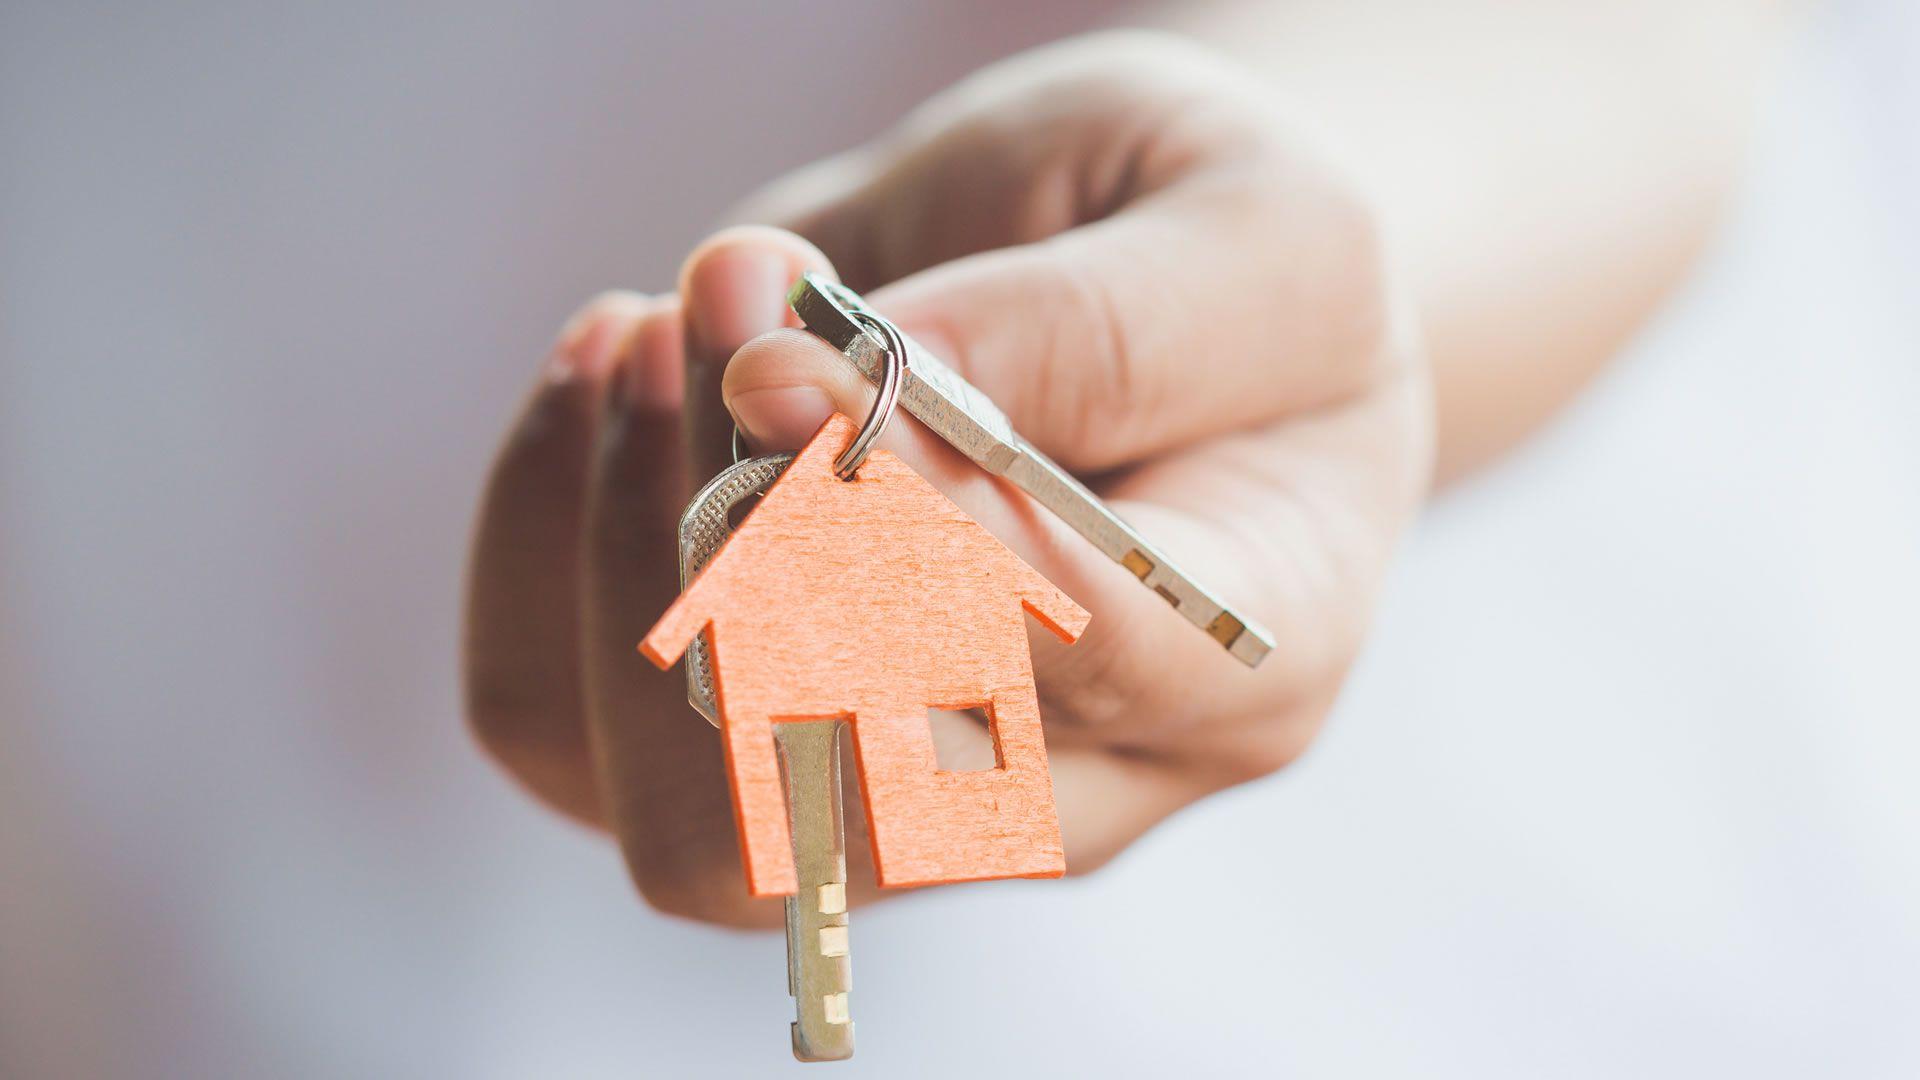 La búsqueda para comprar vivienda en Colombia creció por encima del 15% en el primer semestre del 202, según cifras de del portal Finca Raíz.